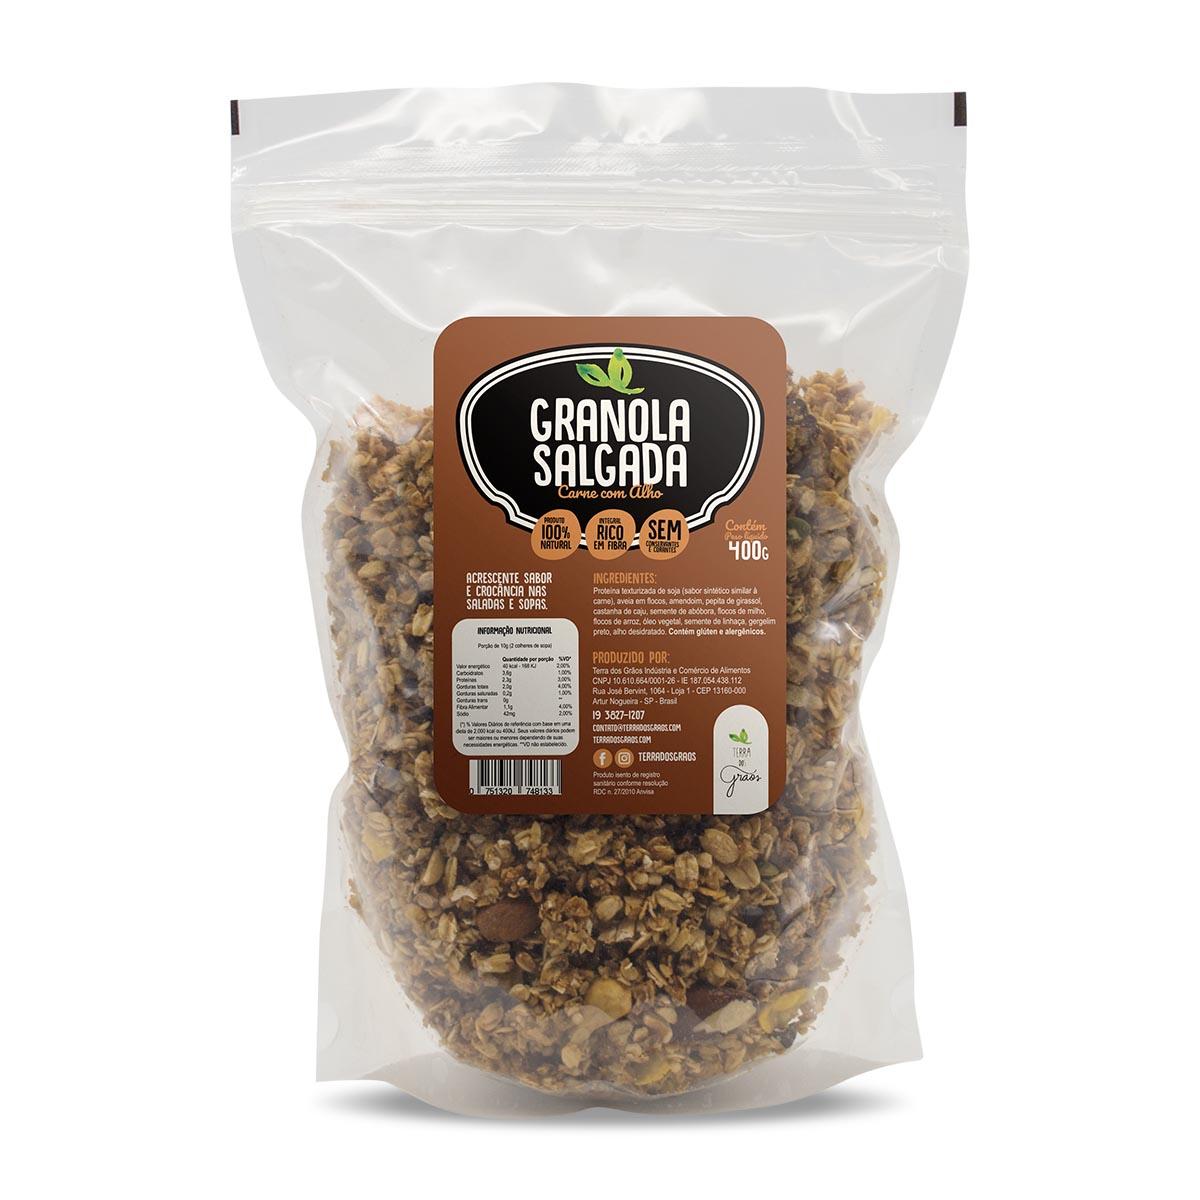 Caixa Granola Salgada Carne com Alho - 10kg